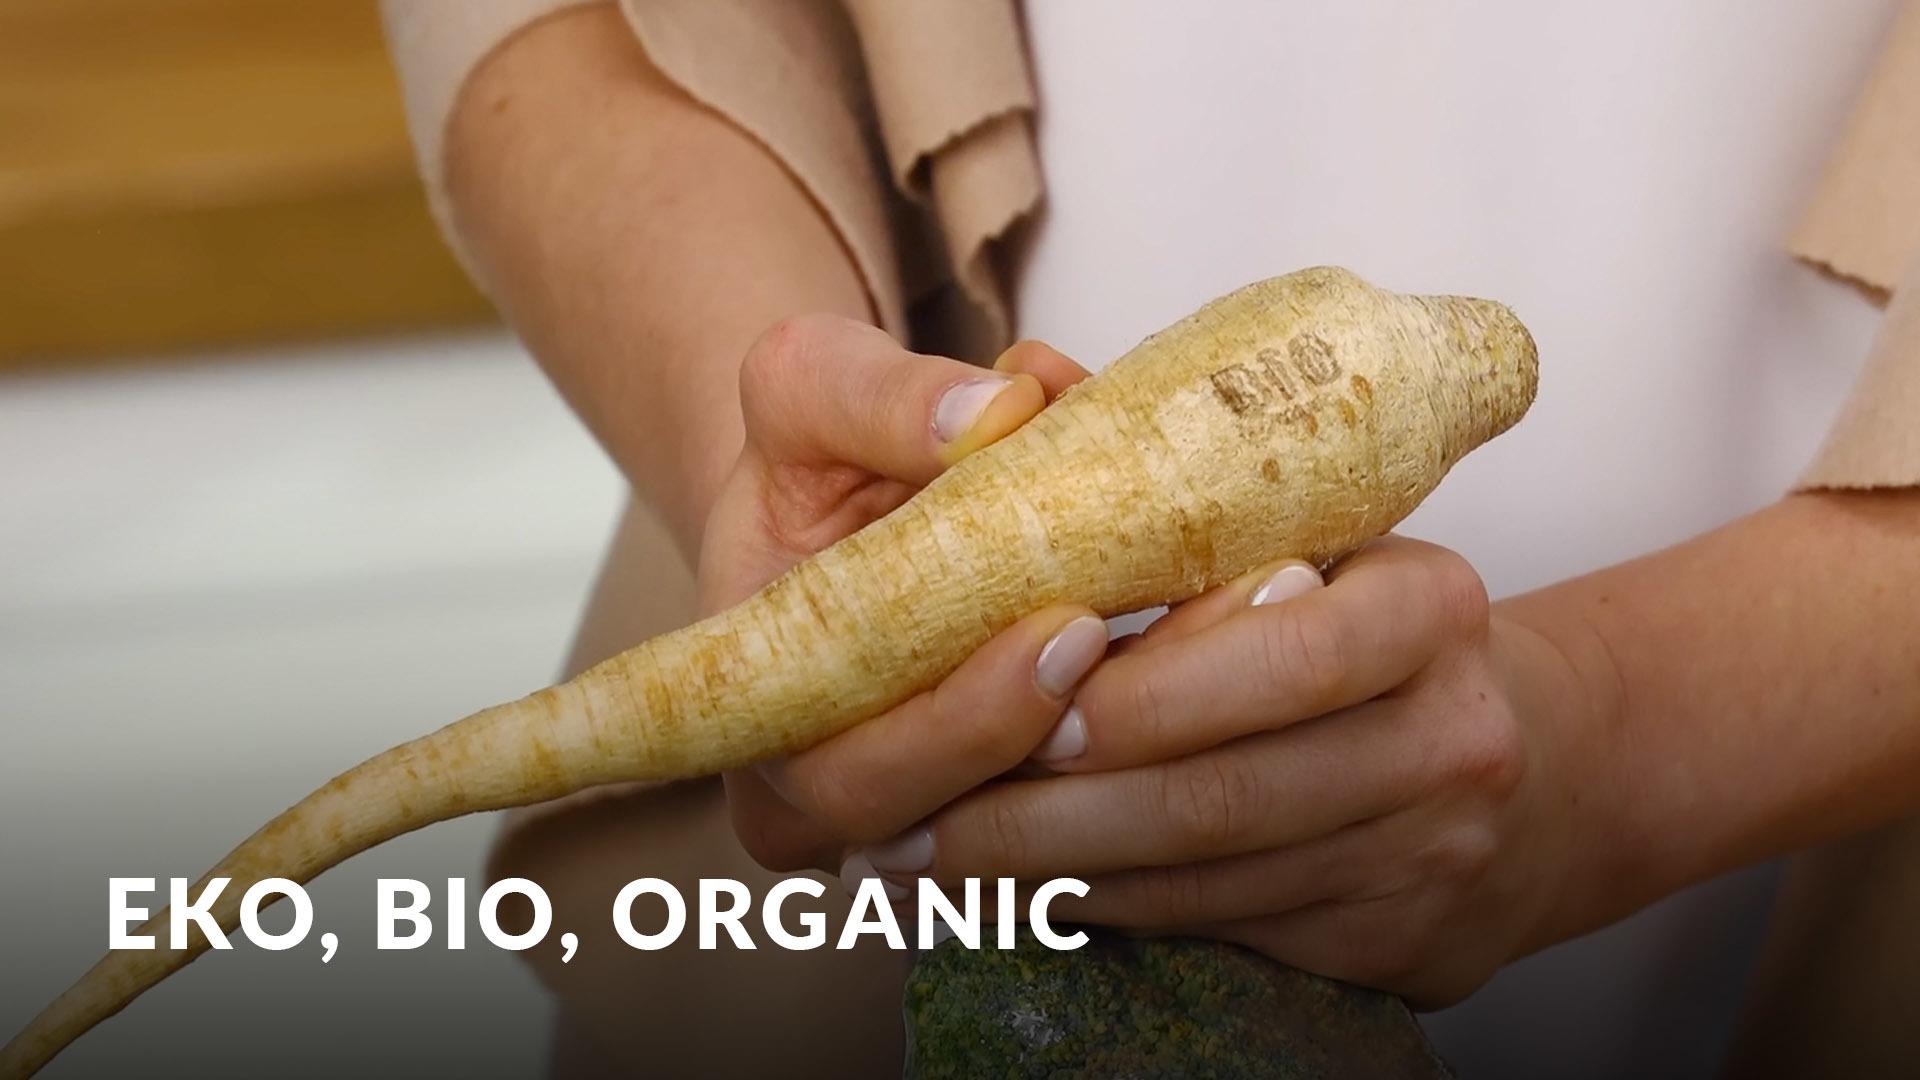 Eko, Bio, Organic